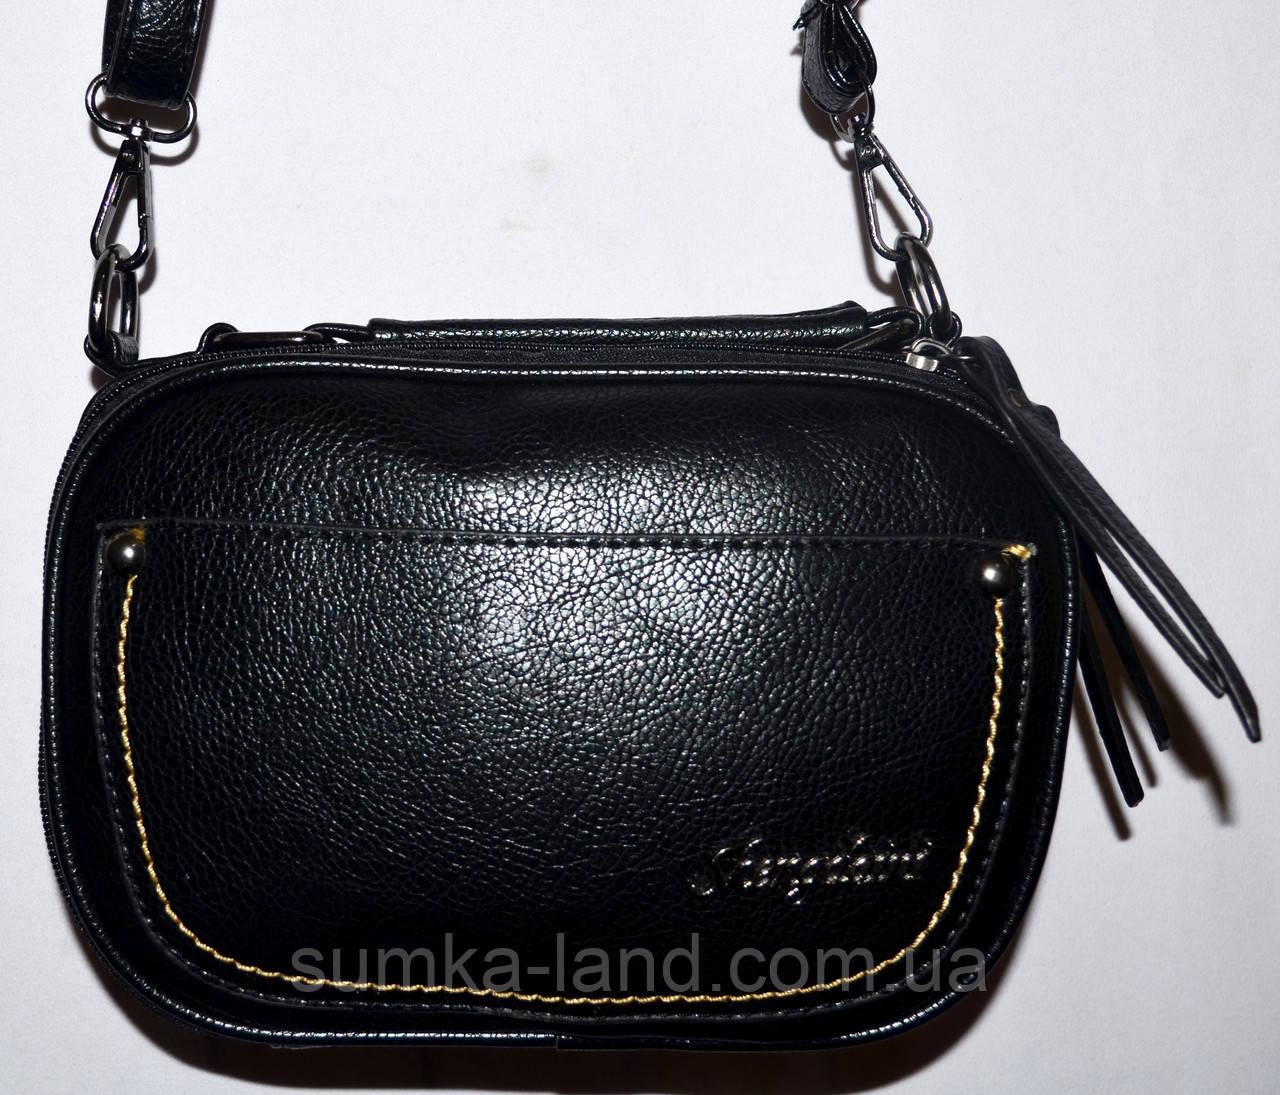 Женский черный клатч на ремешке с двумя отделениями 23*16 см